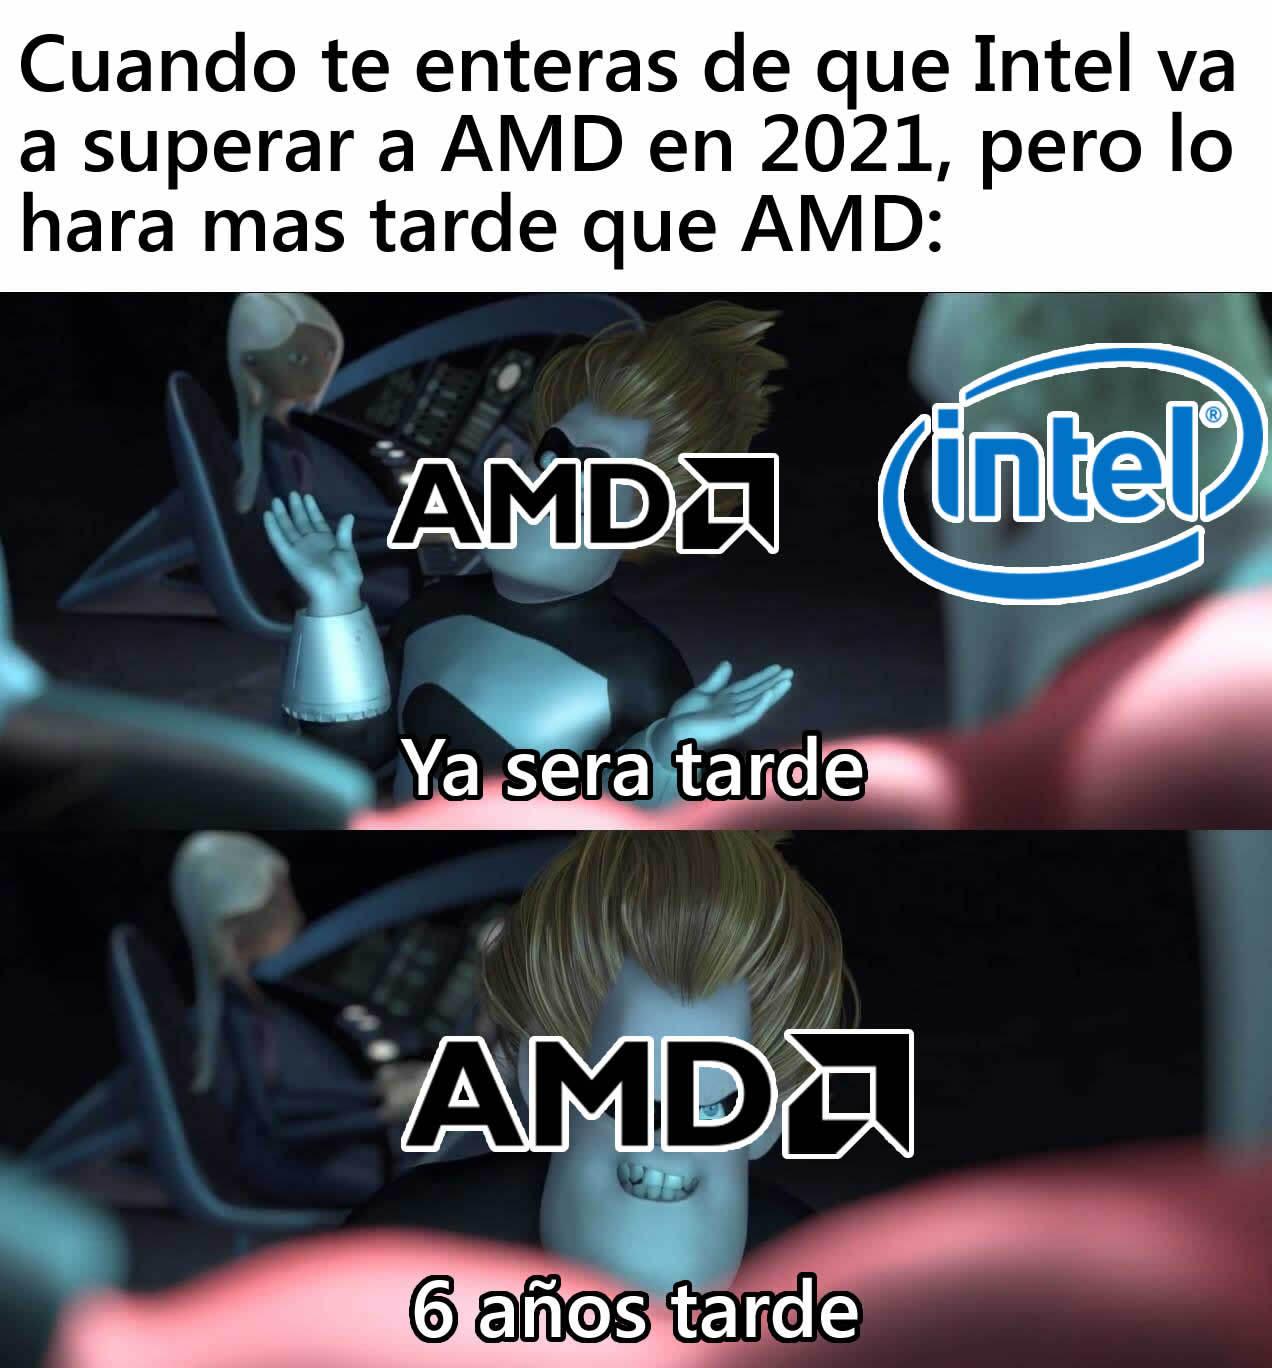 En 2021 Intel podria superar a AMD, pero lo hara tarde, 6 años tarde - meme